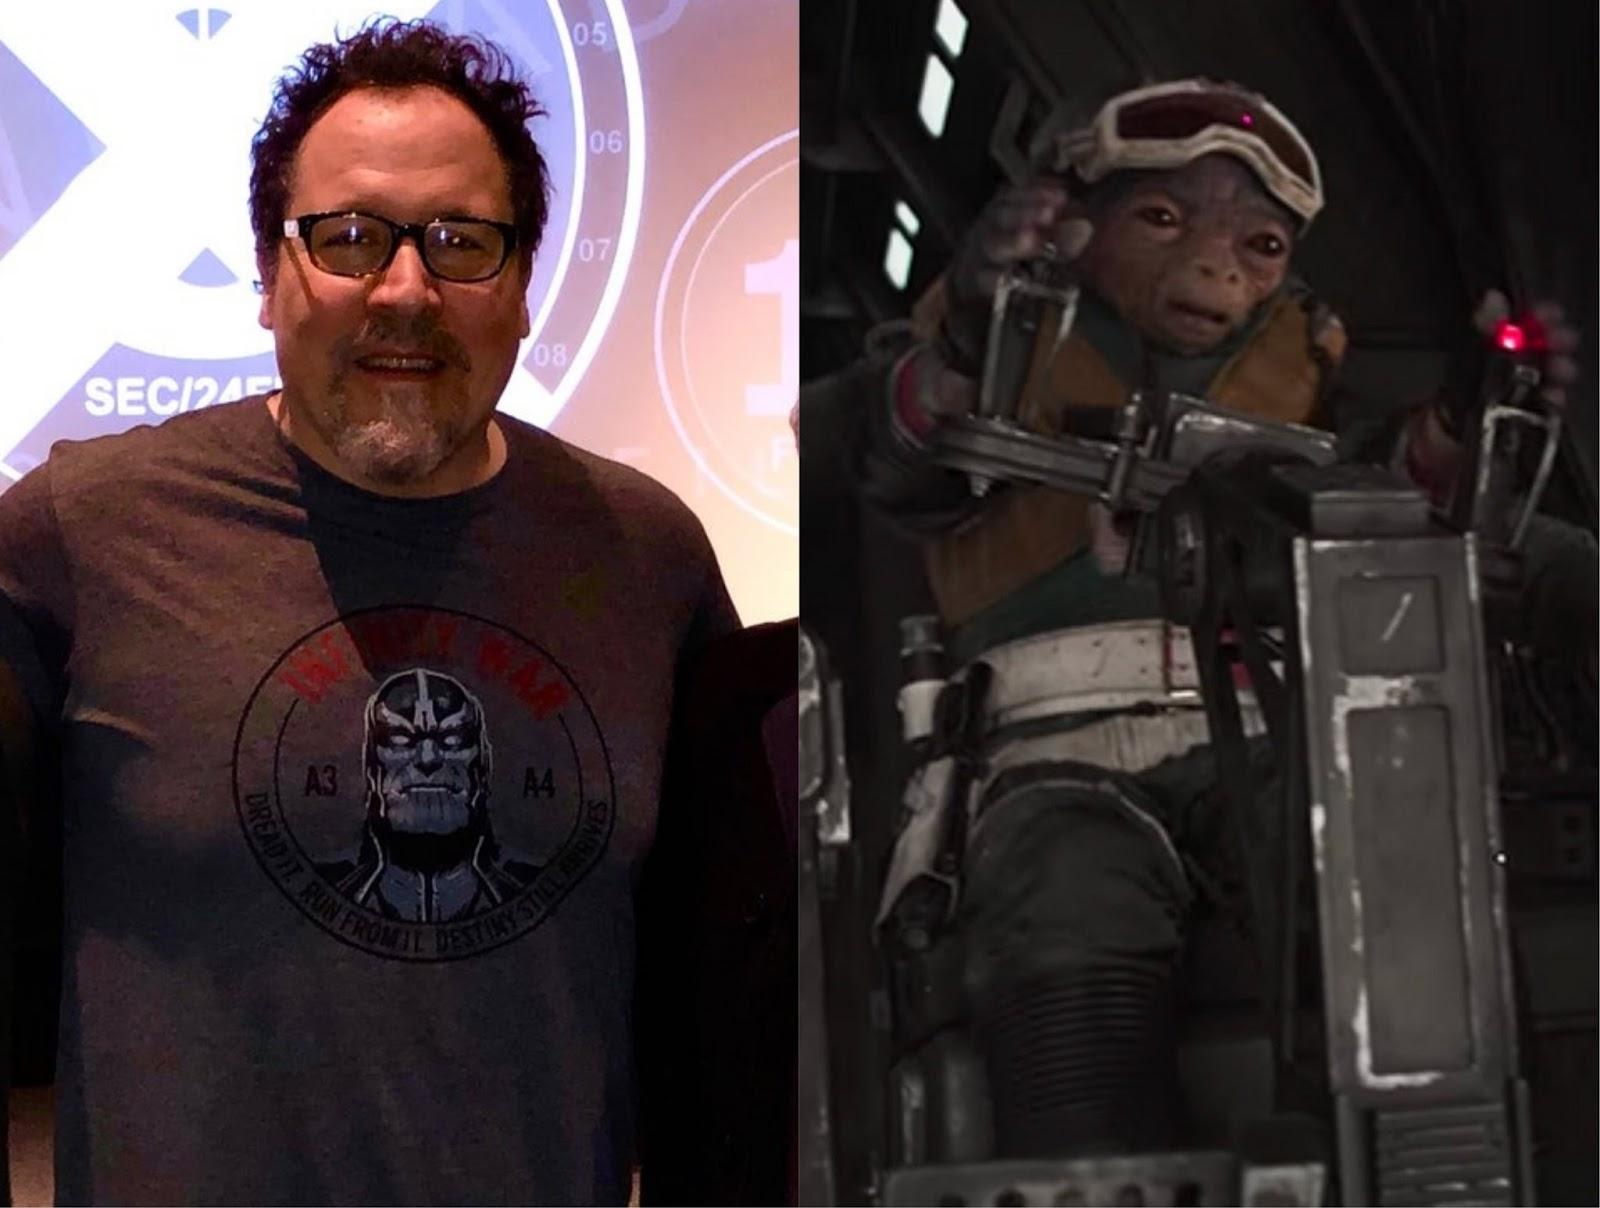 Jon Solo Star Wars